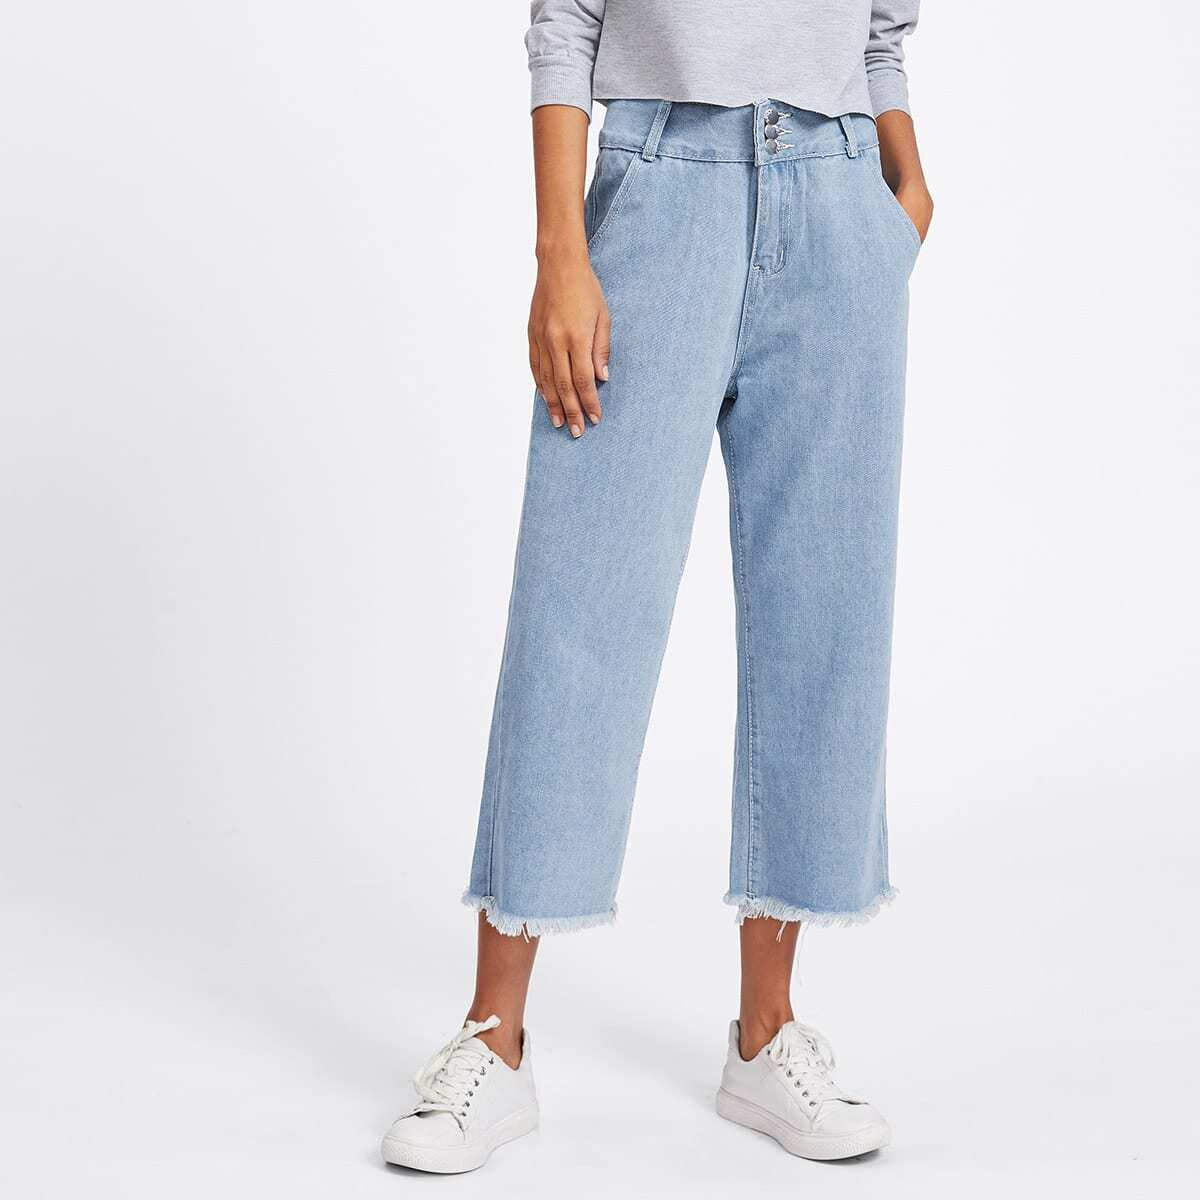 Lichte jeans met brede pijpen